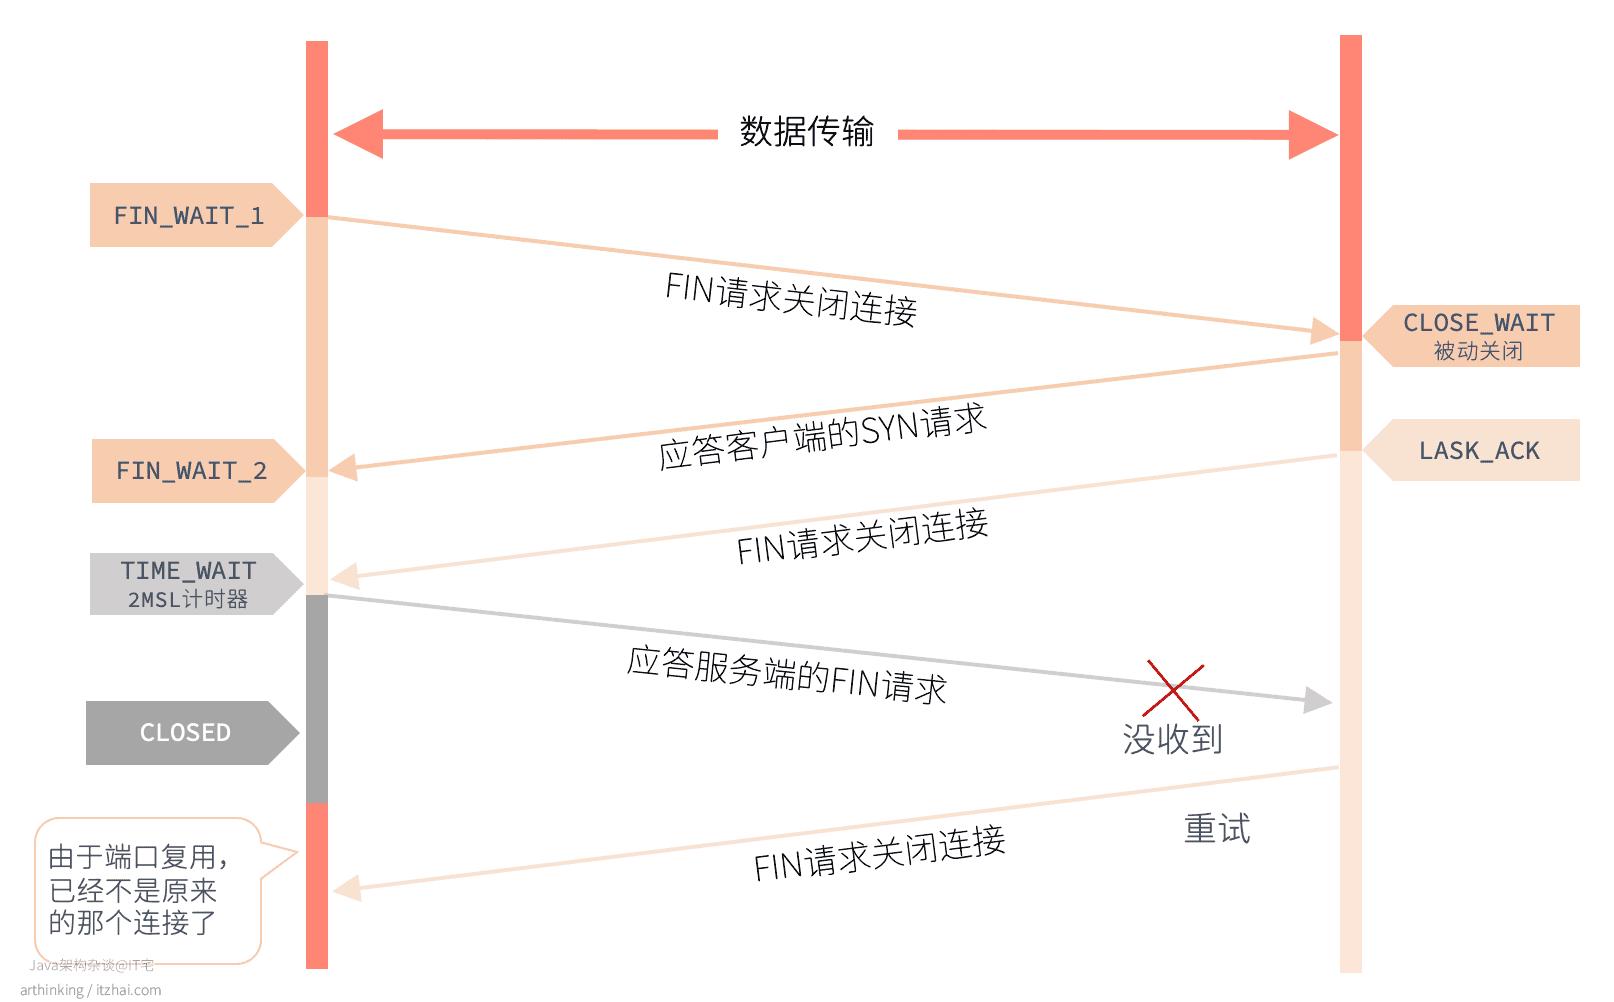 image-20211023125212139